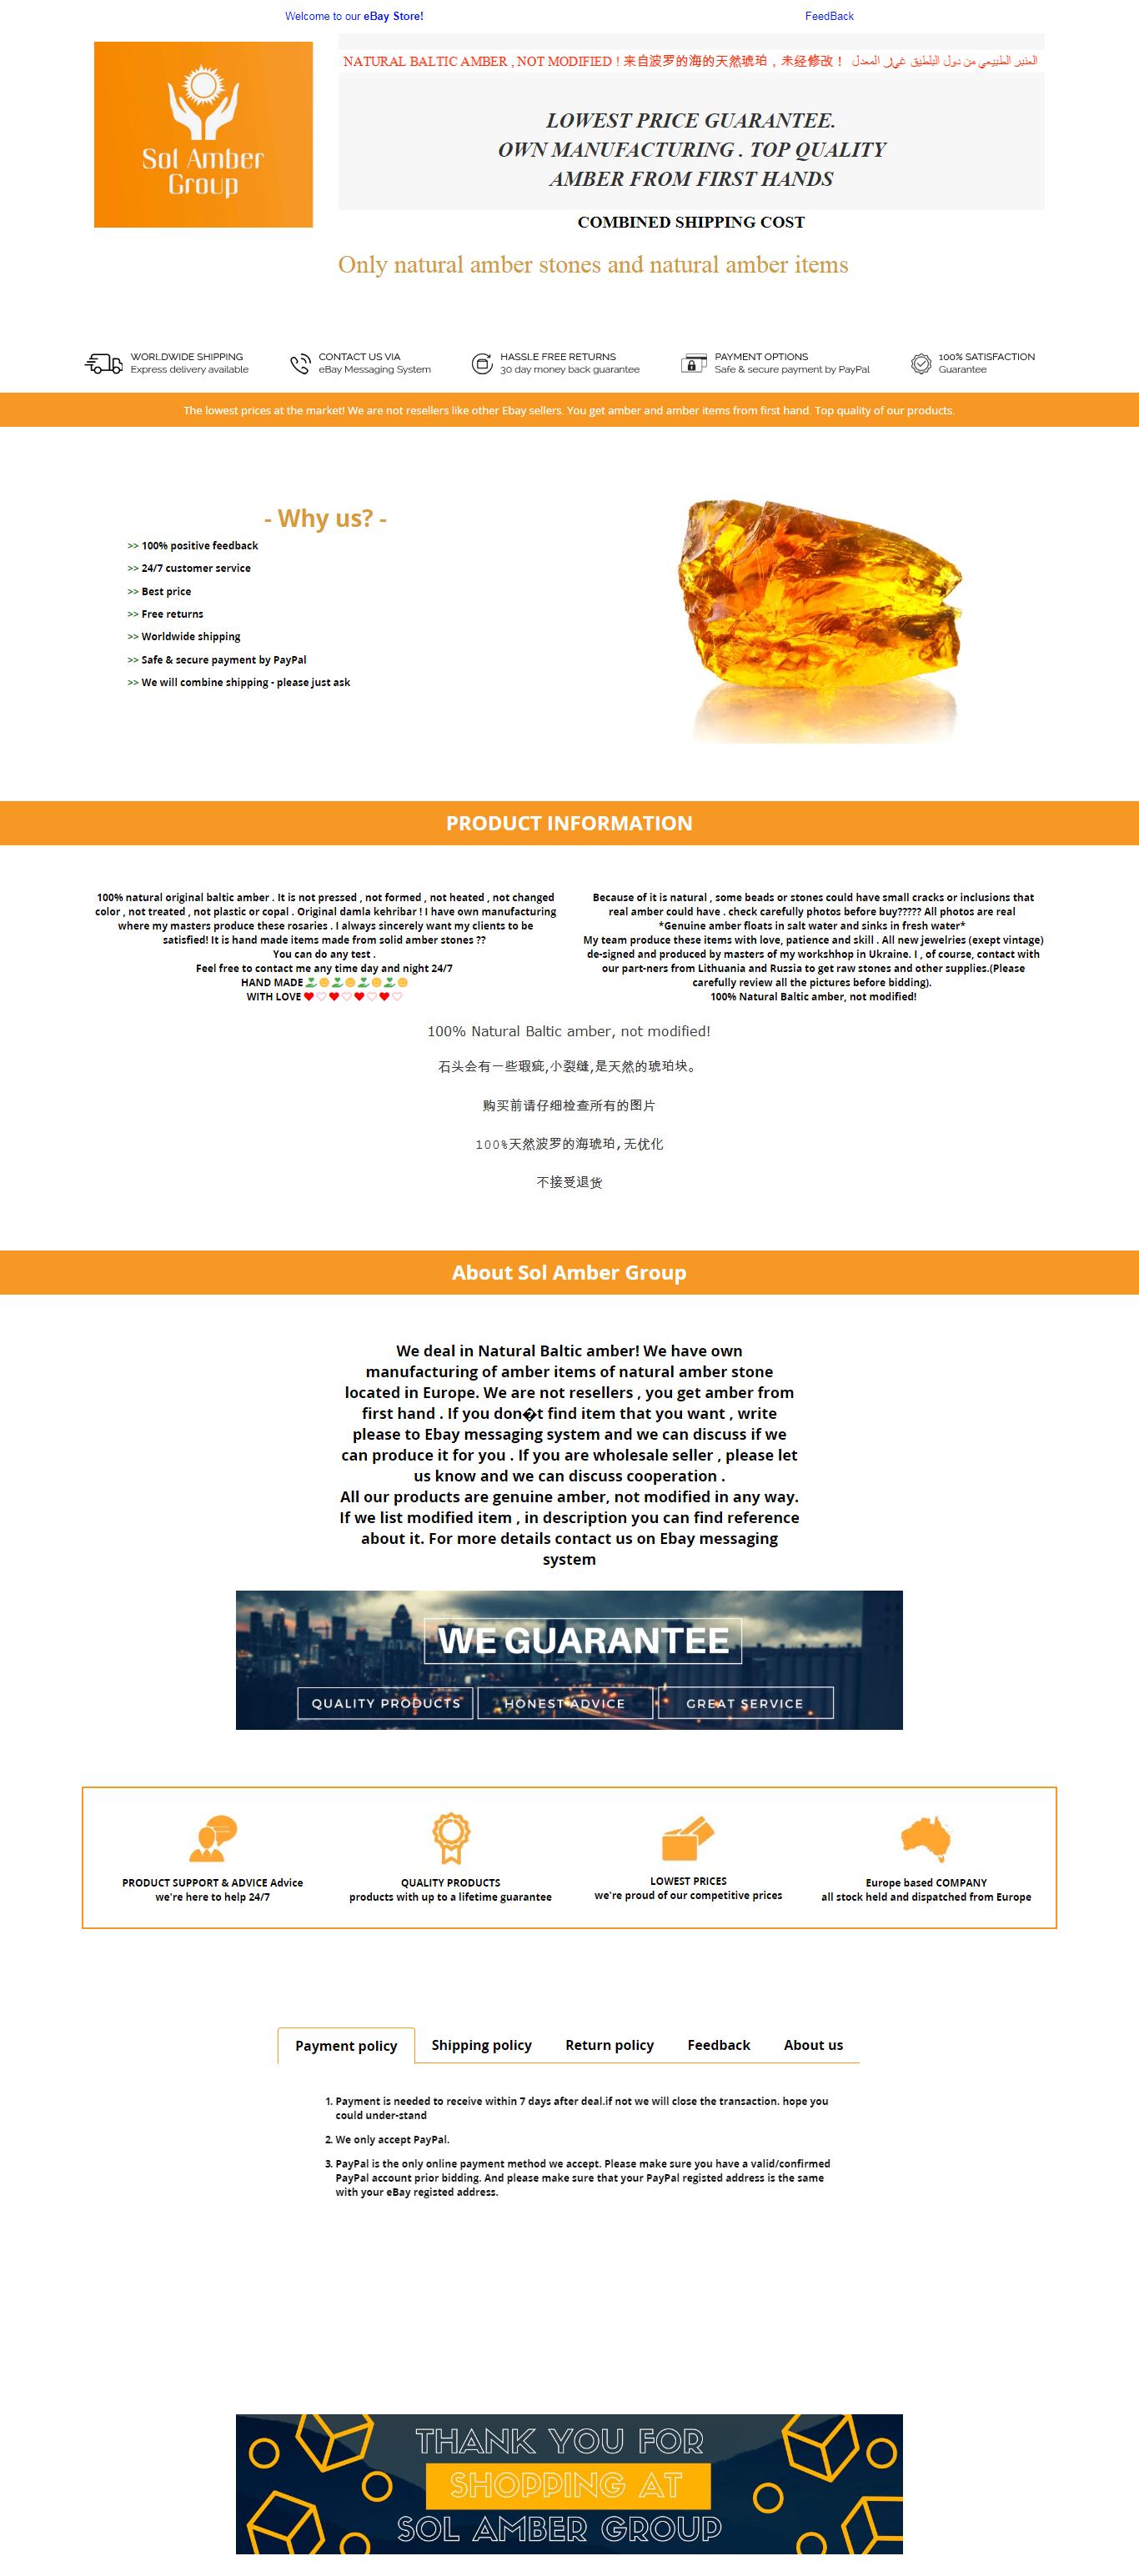 Фото Создание красивого дизайна и описания в html/css для листинга продажи товара на  ebay